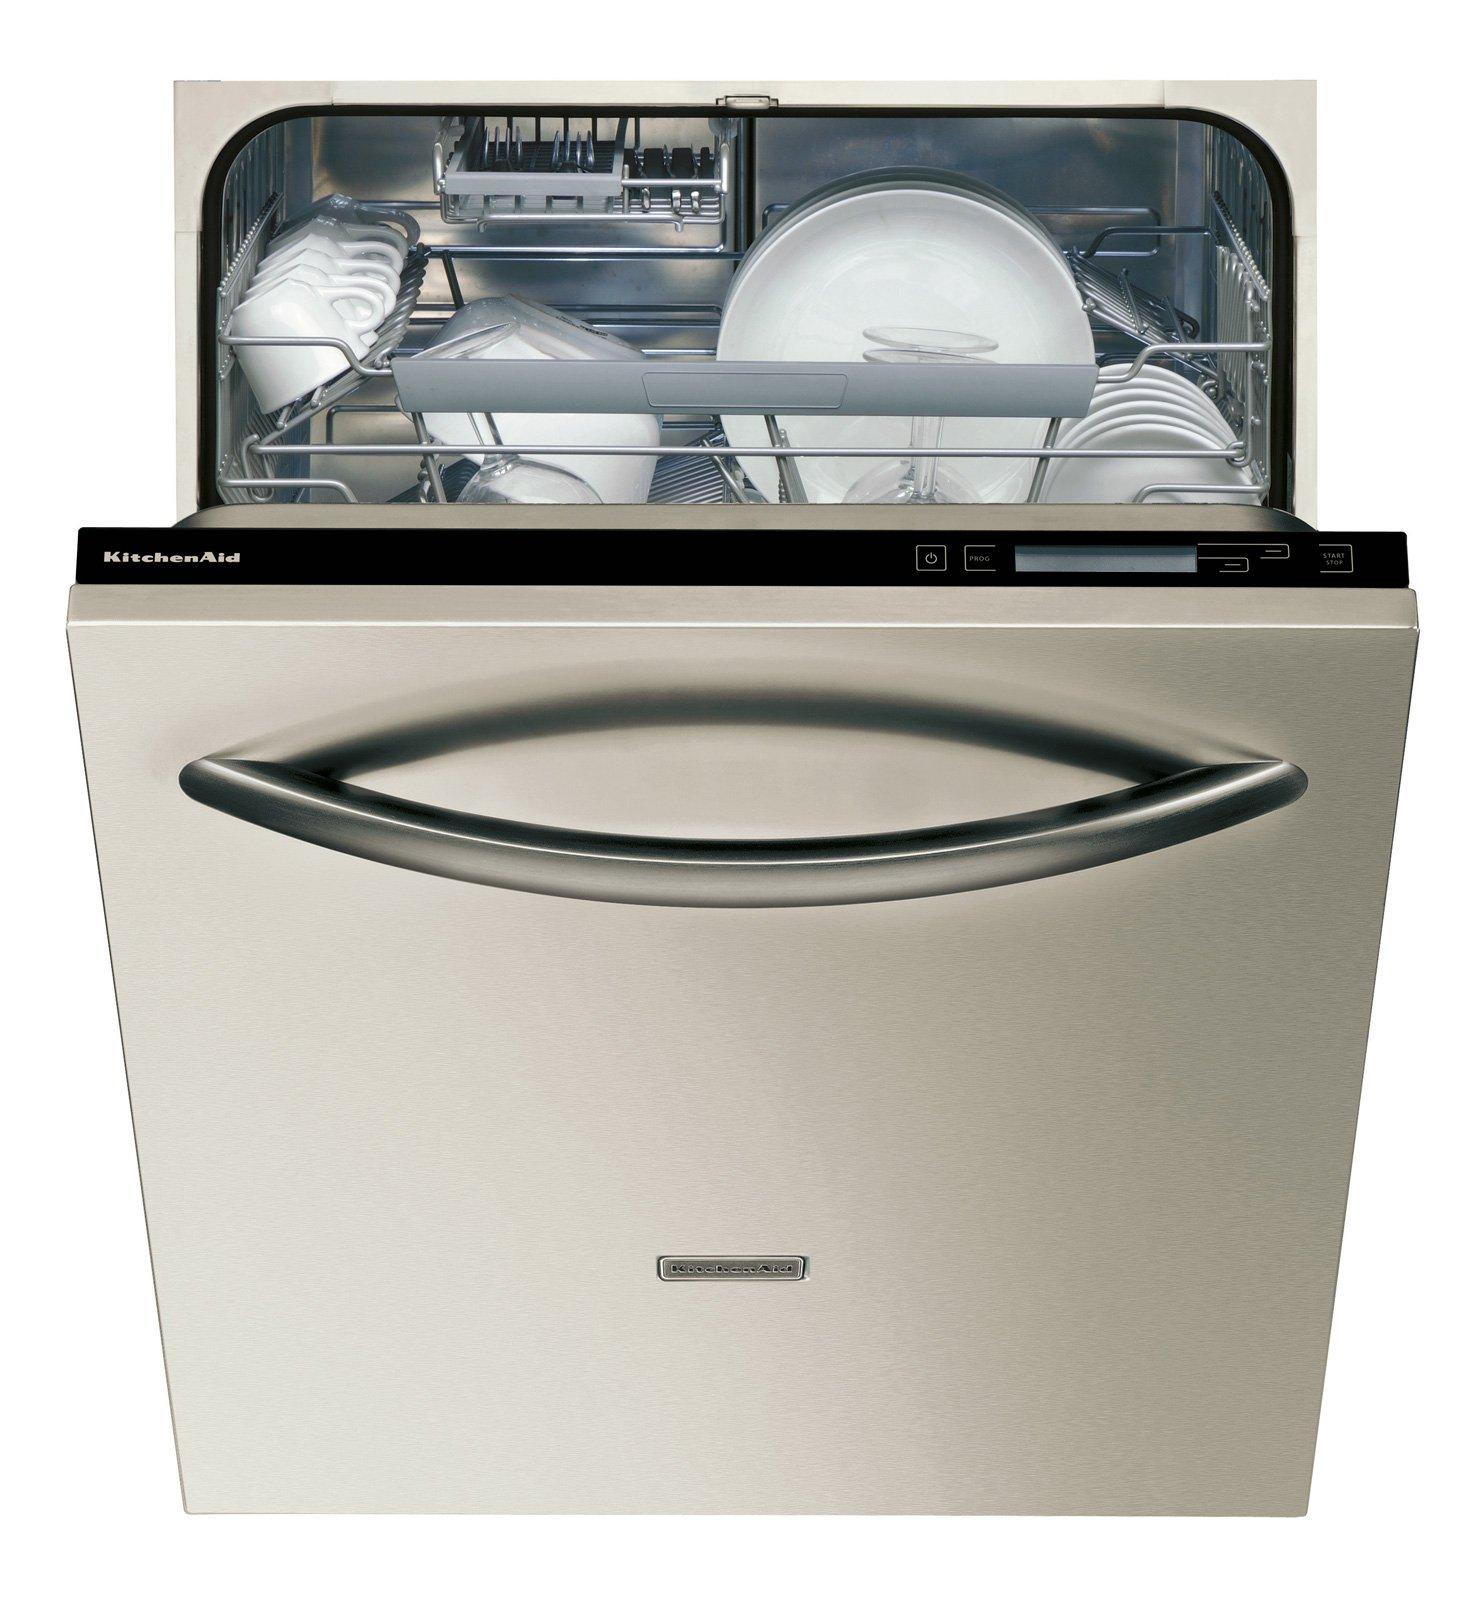 Lavastoviglie veloci e tecno cose di casa - Porta per lavastoviglie da incasso ...